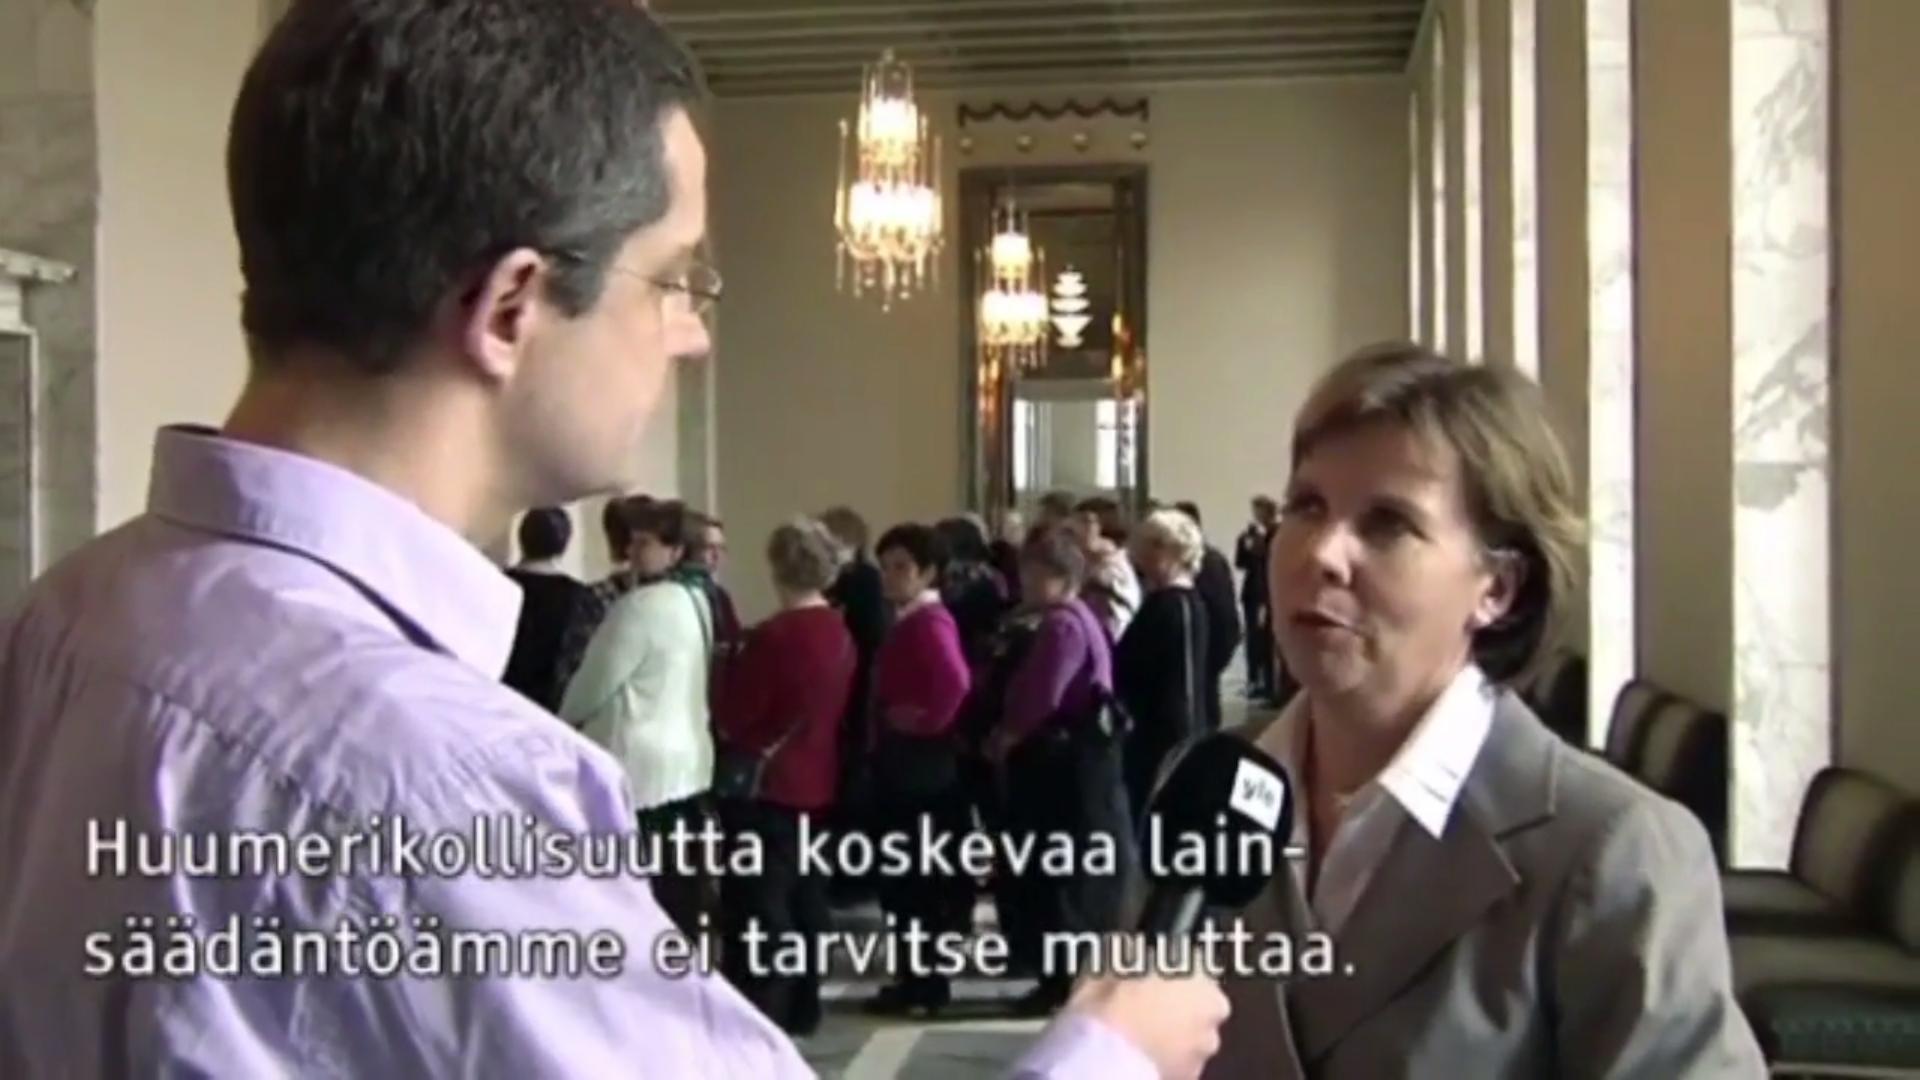 Kuvankaappaus videolta, jossa Anna-Maja Henriksson sanoo oikeusministerinä ollessaan, ettei Suomen huumelakeja tarvitse muuttaa.